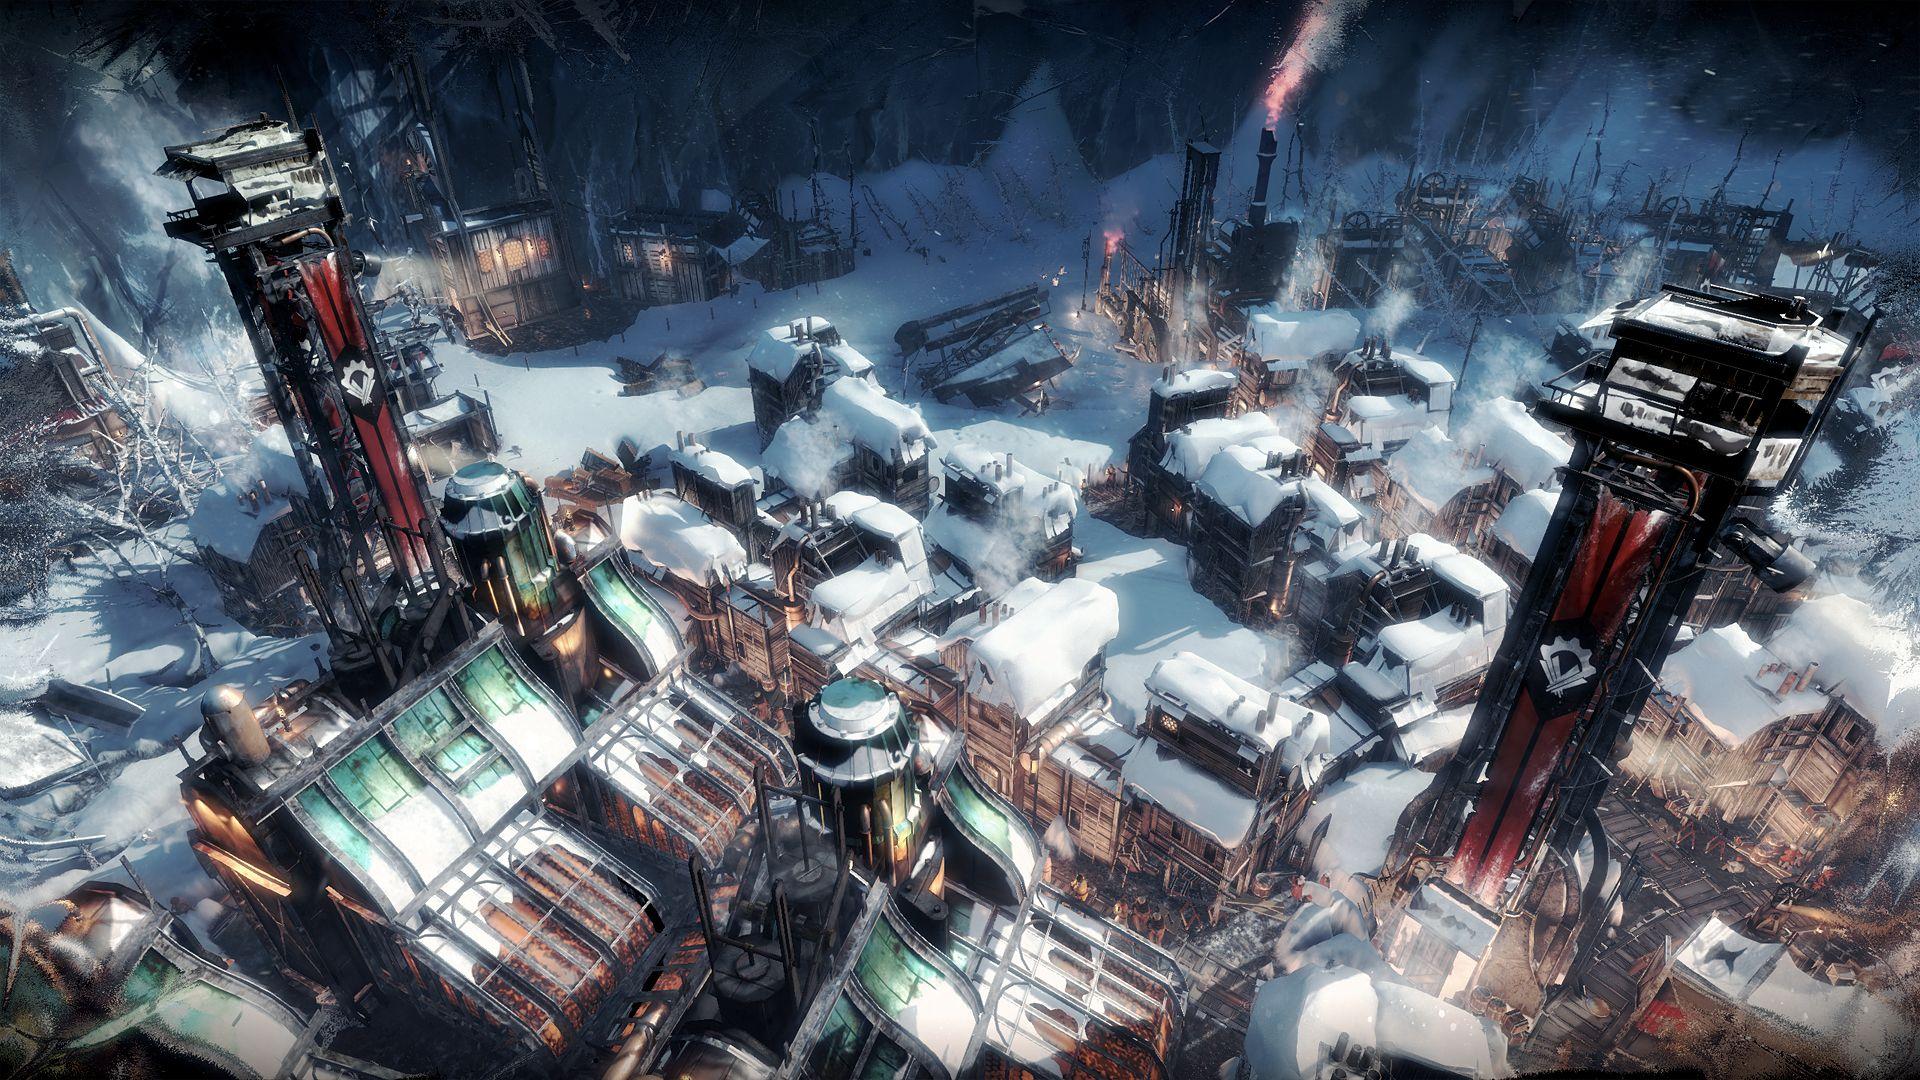 اکانت اریجینال بازی Frostpunk | با ایمیل اکانت